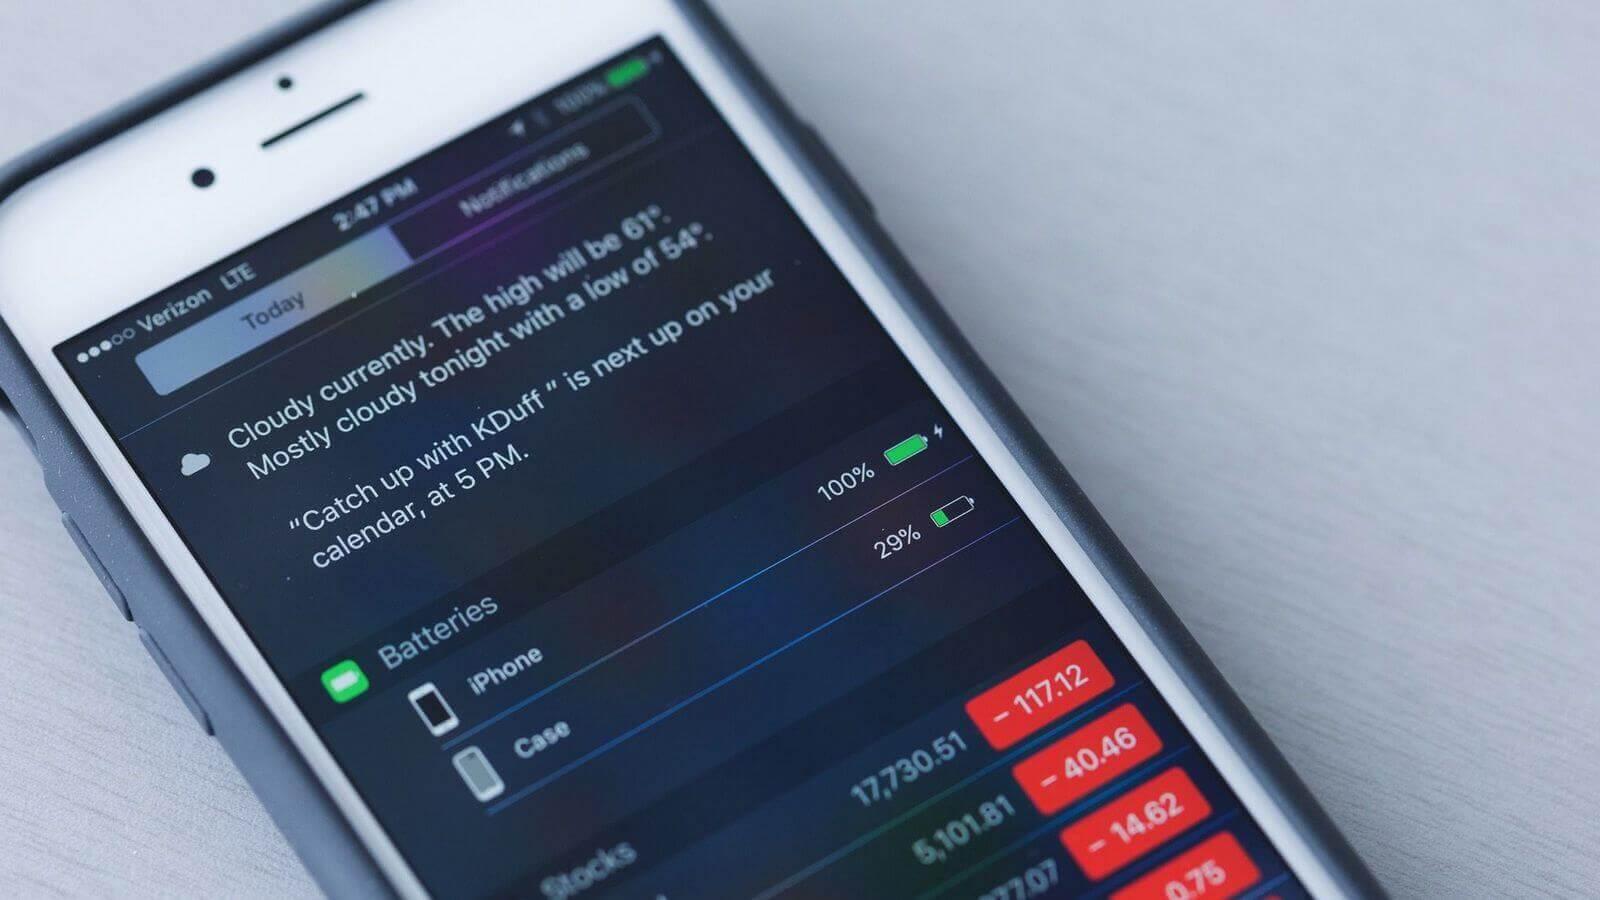 Сколько iPhone работают на iOS 13.6.1 и стоит ли обновляться